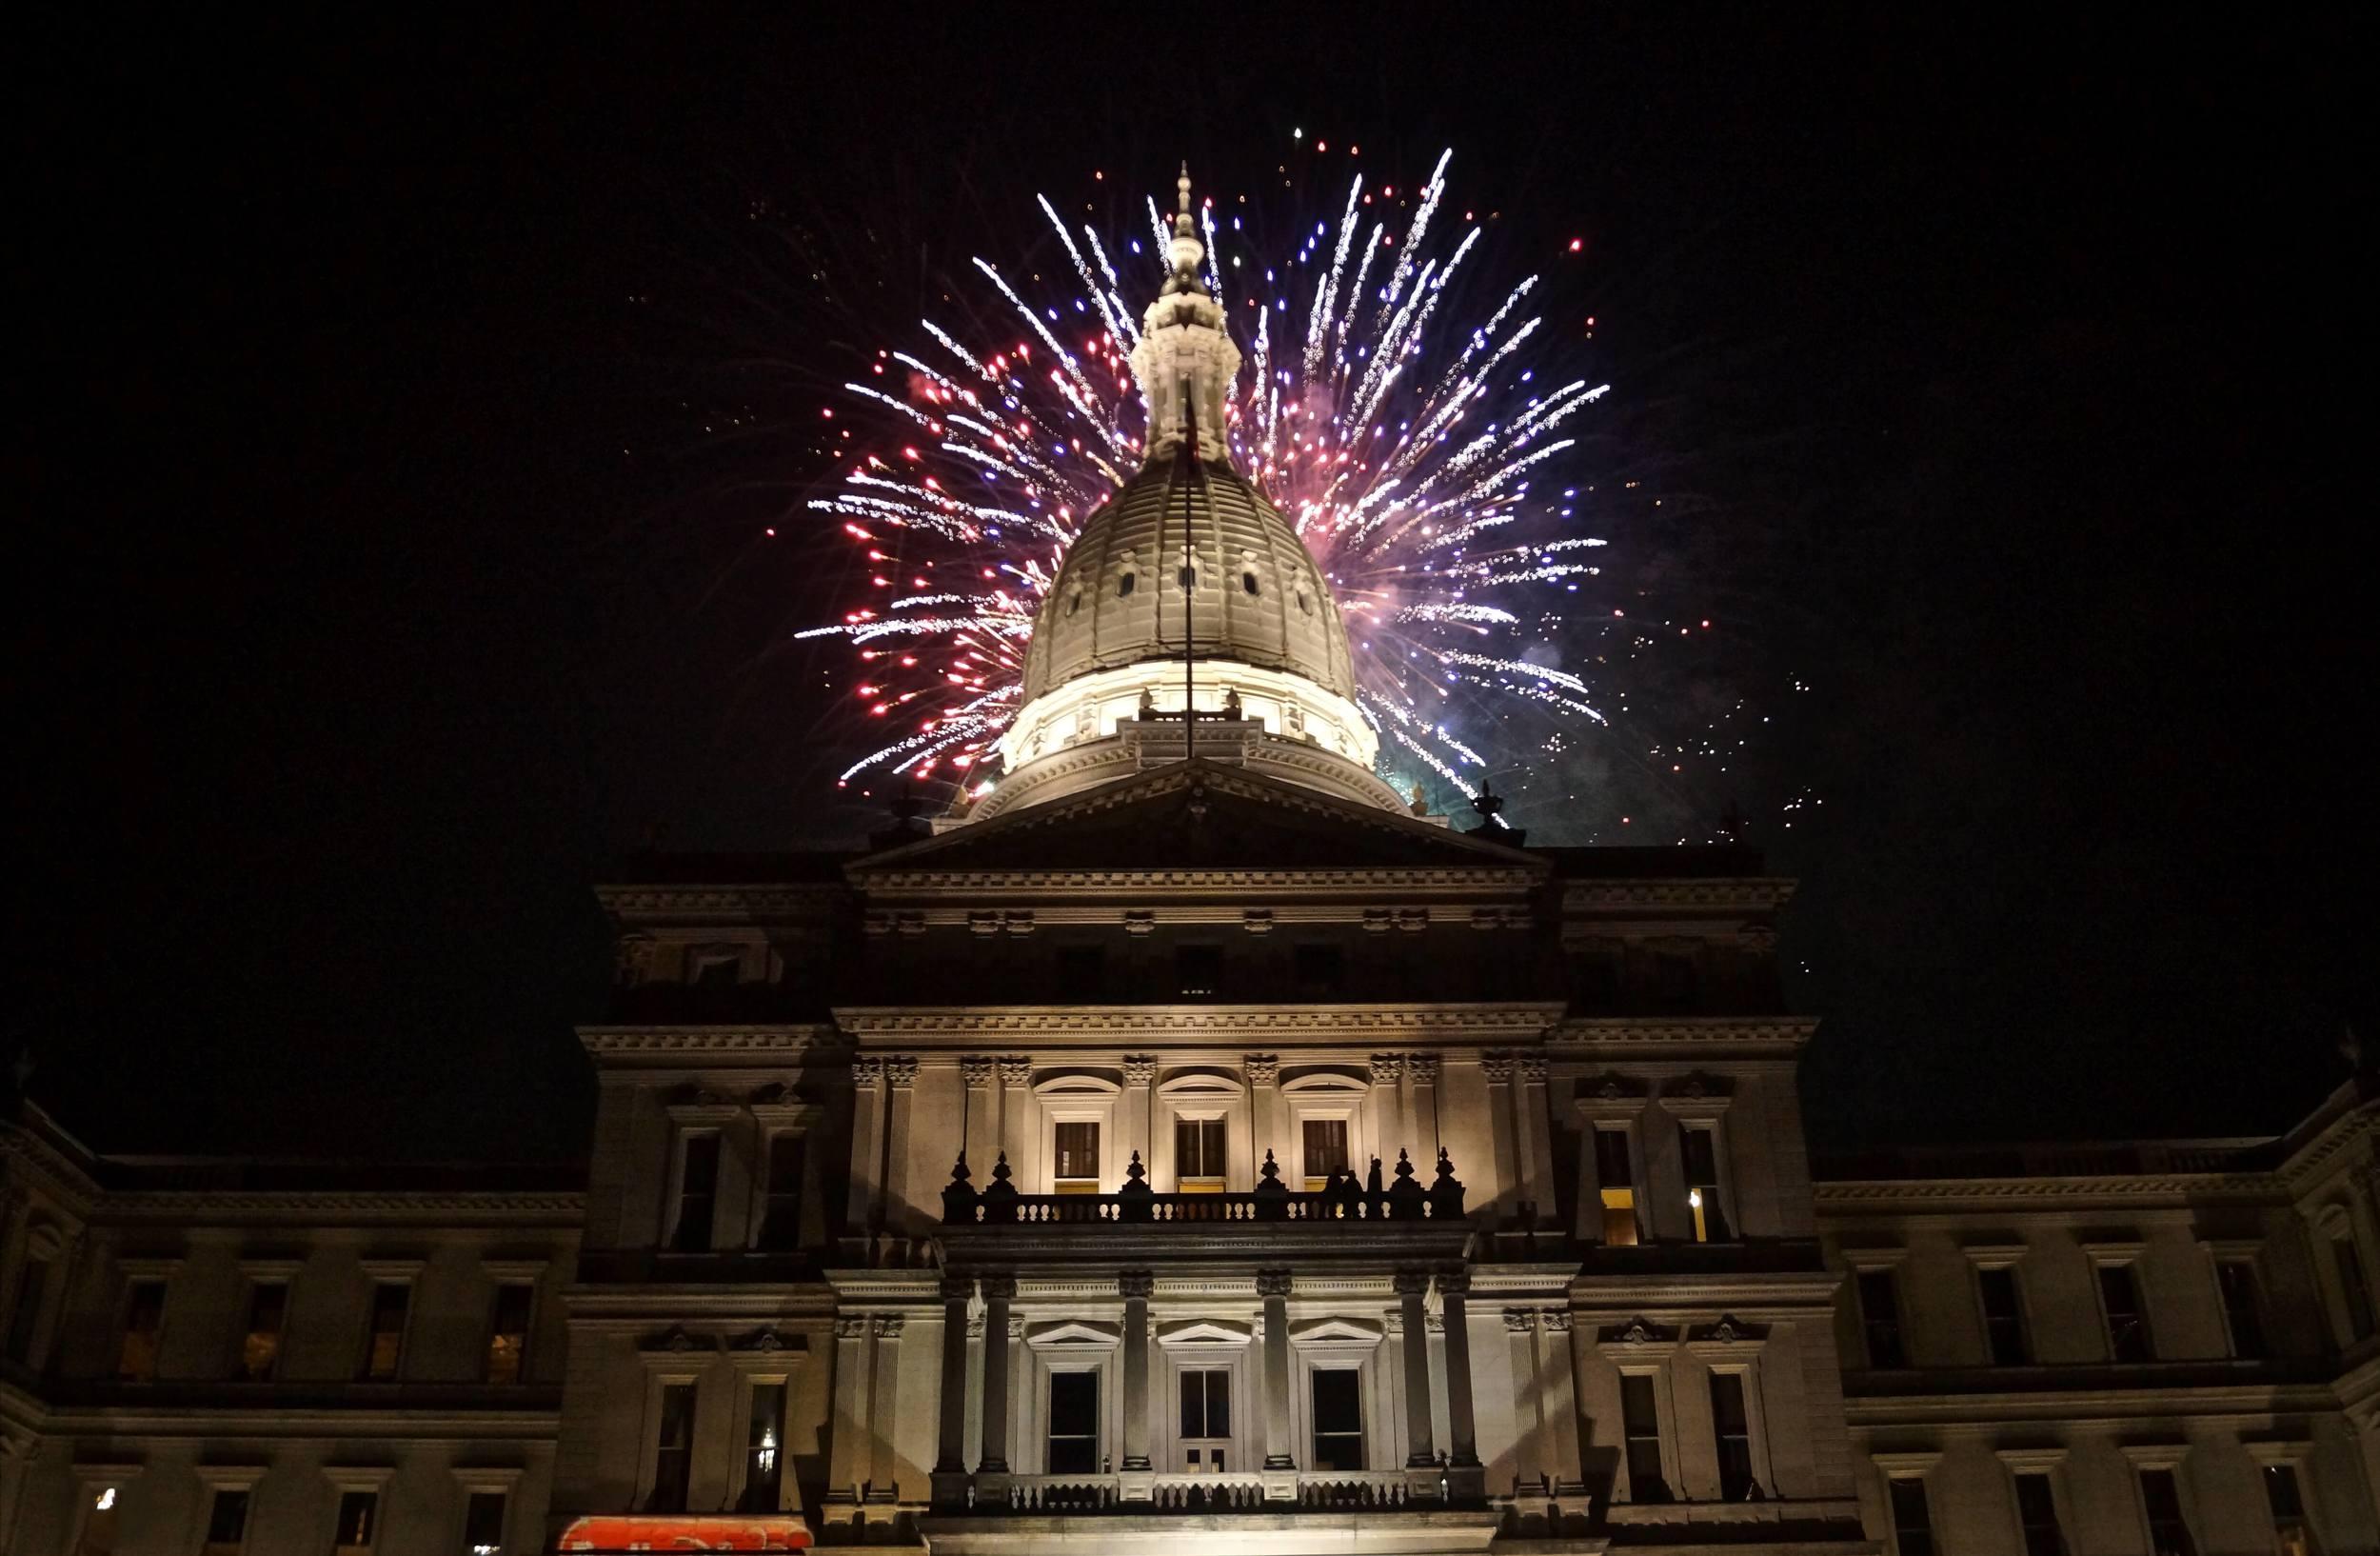 Capitol, Lansing, Michigan, November 2010